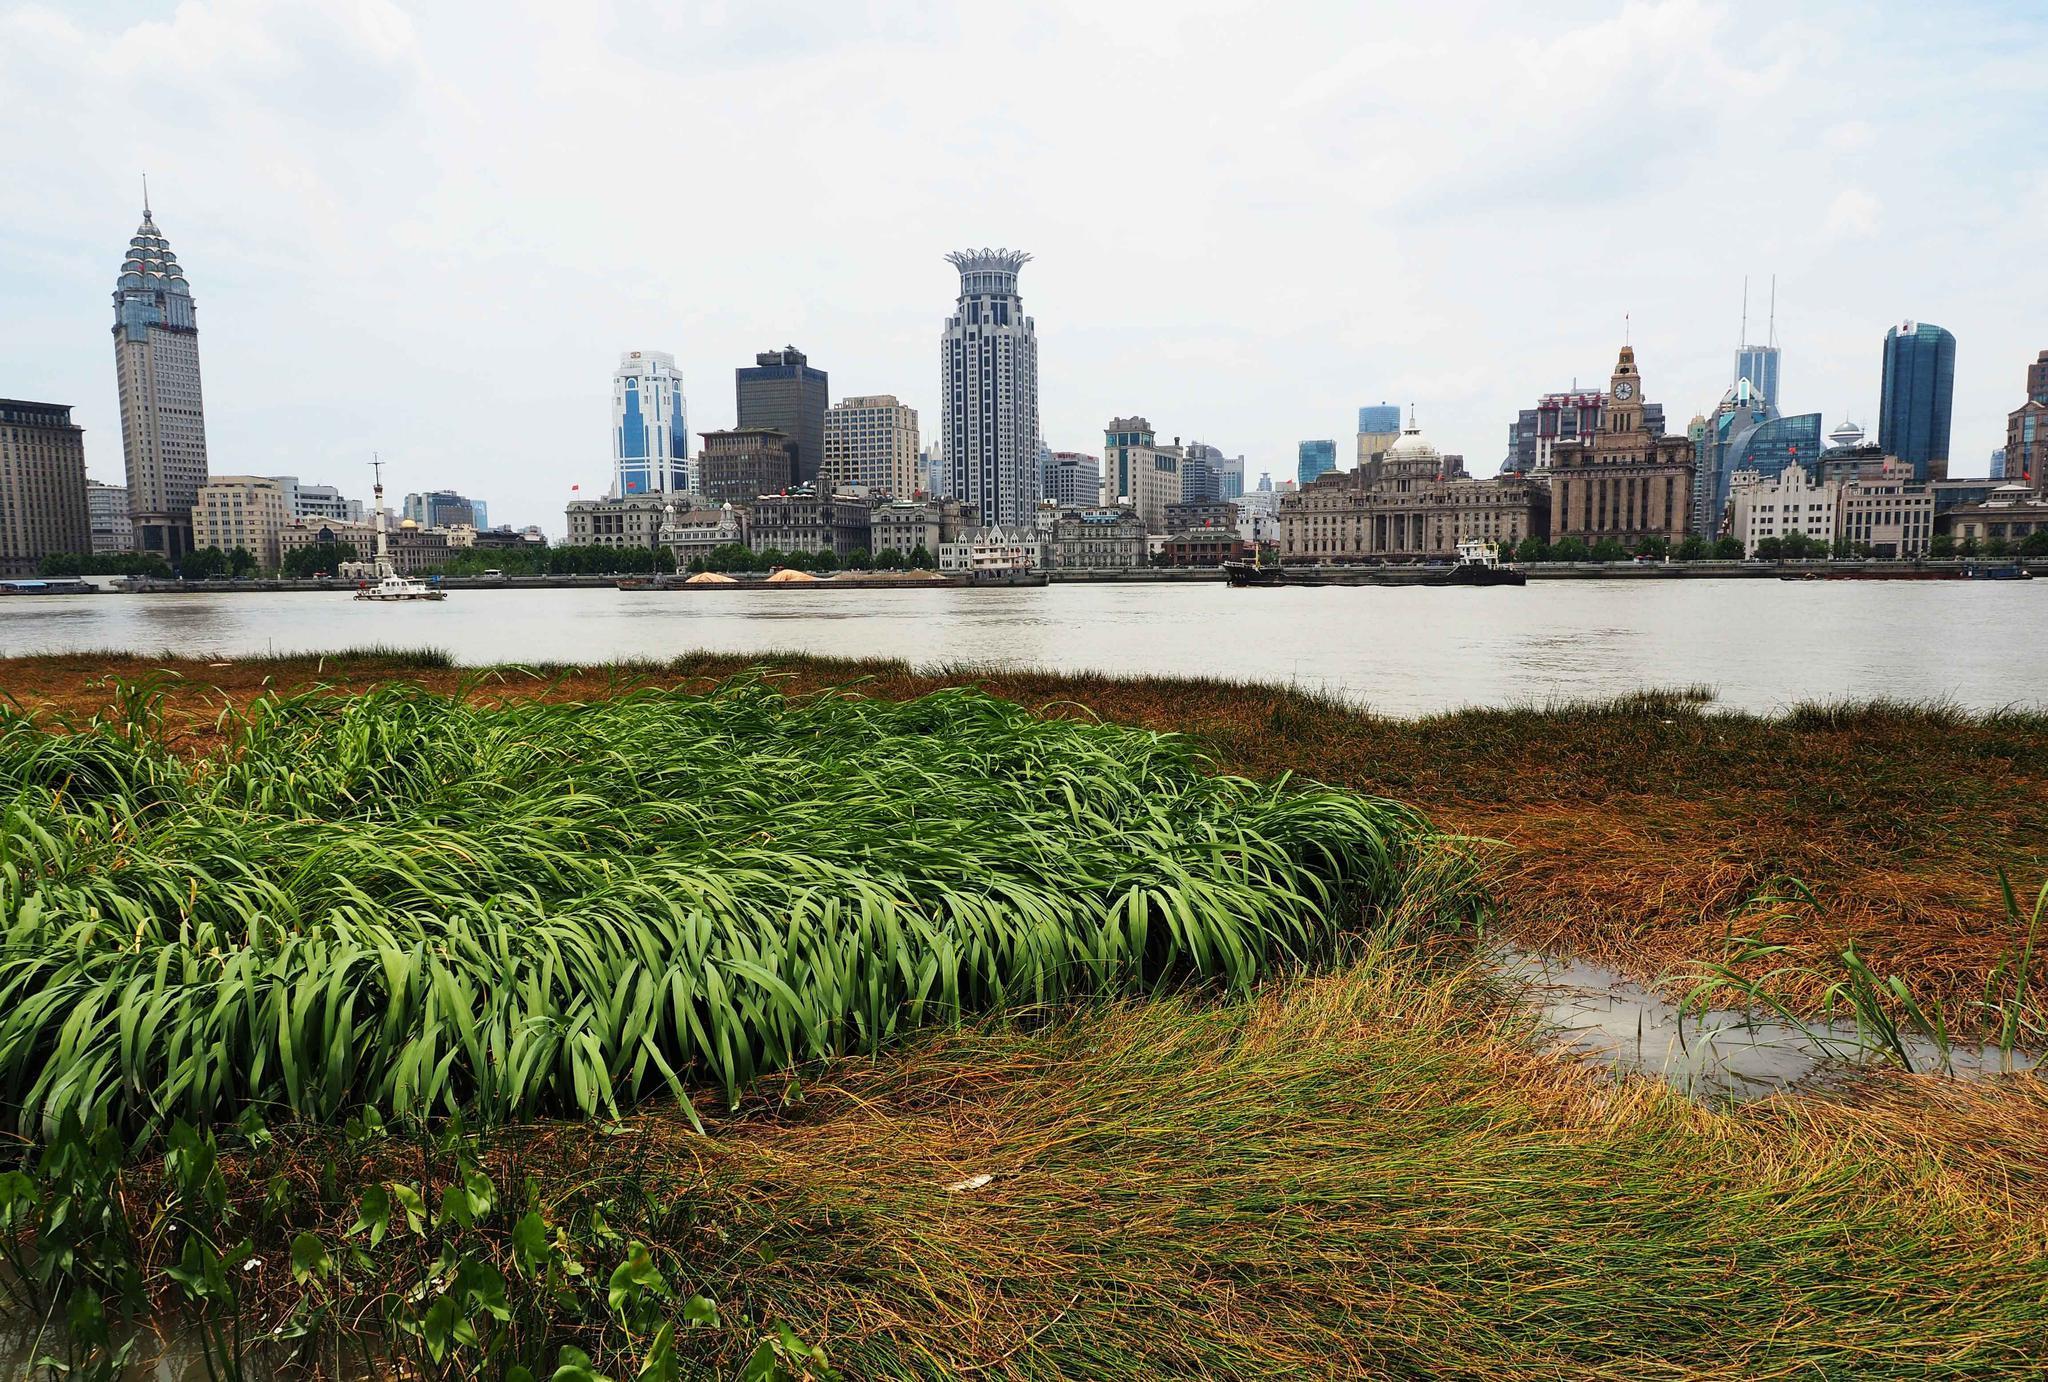 来上海先到哪里,自然是外滩了,小满带您去百年外滩看看